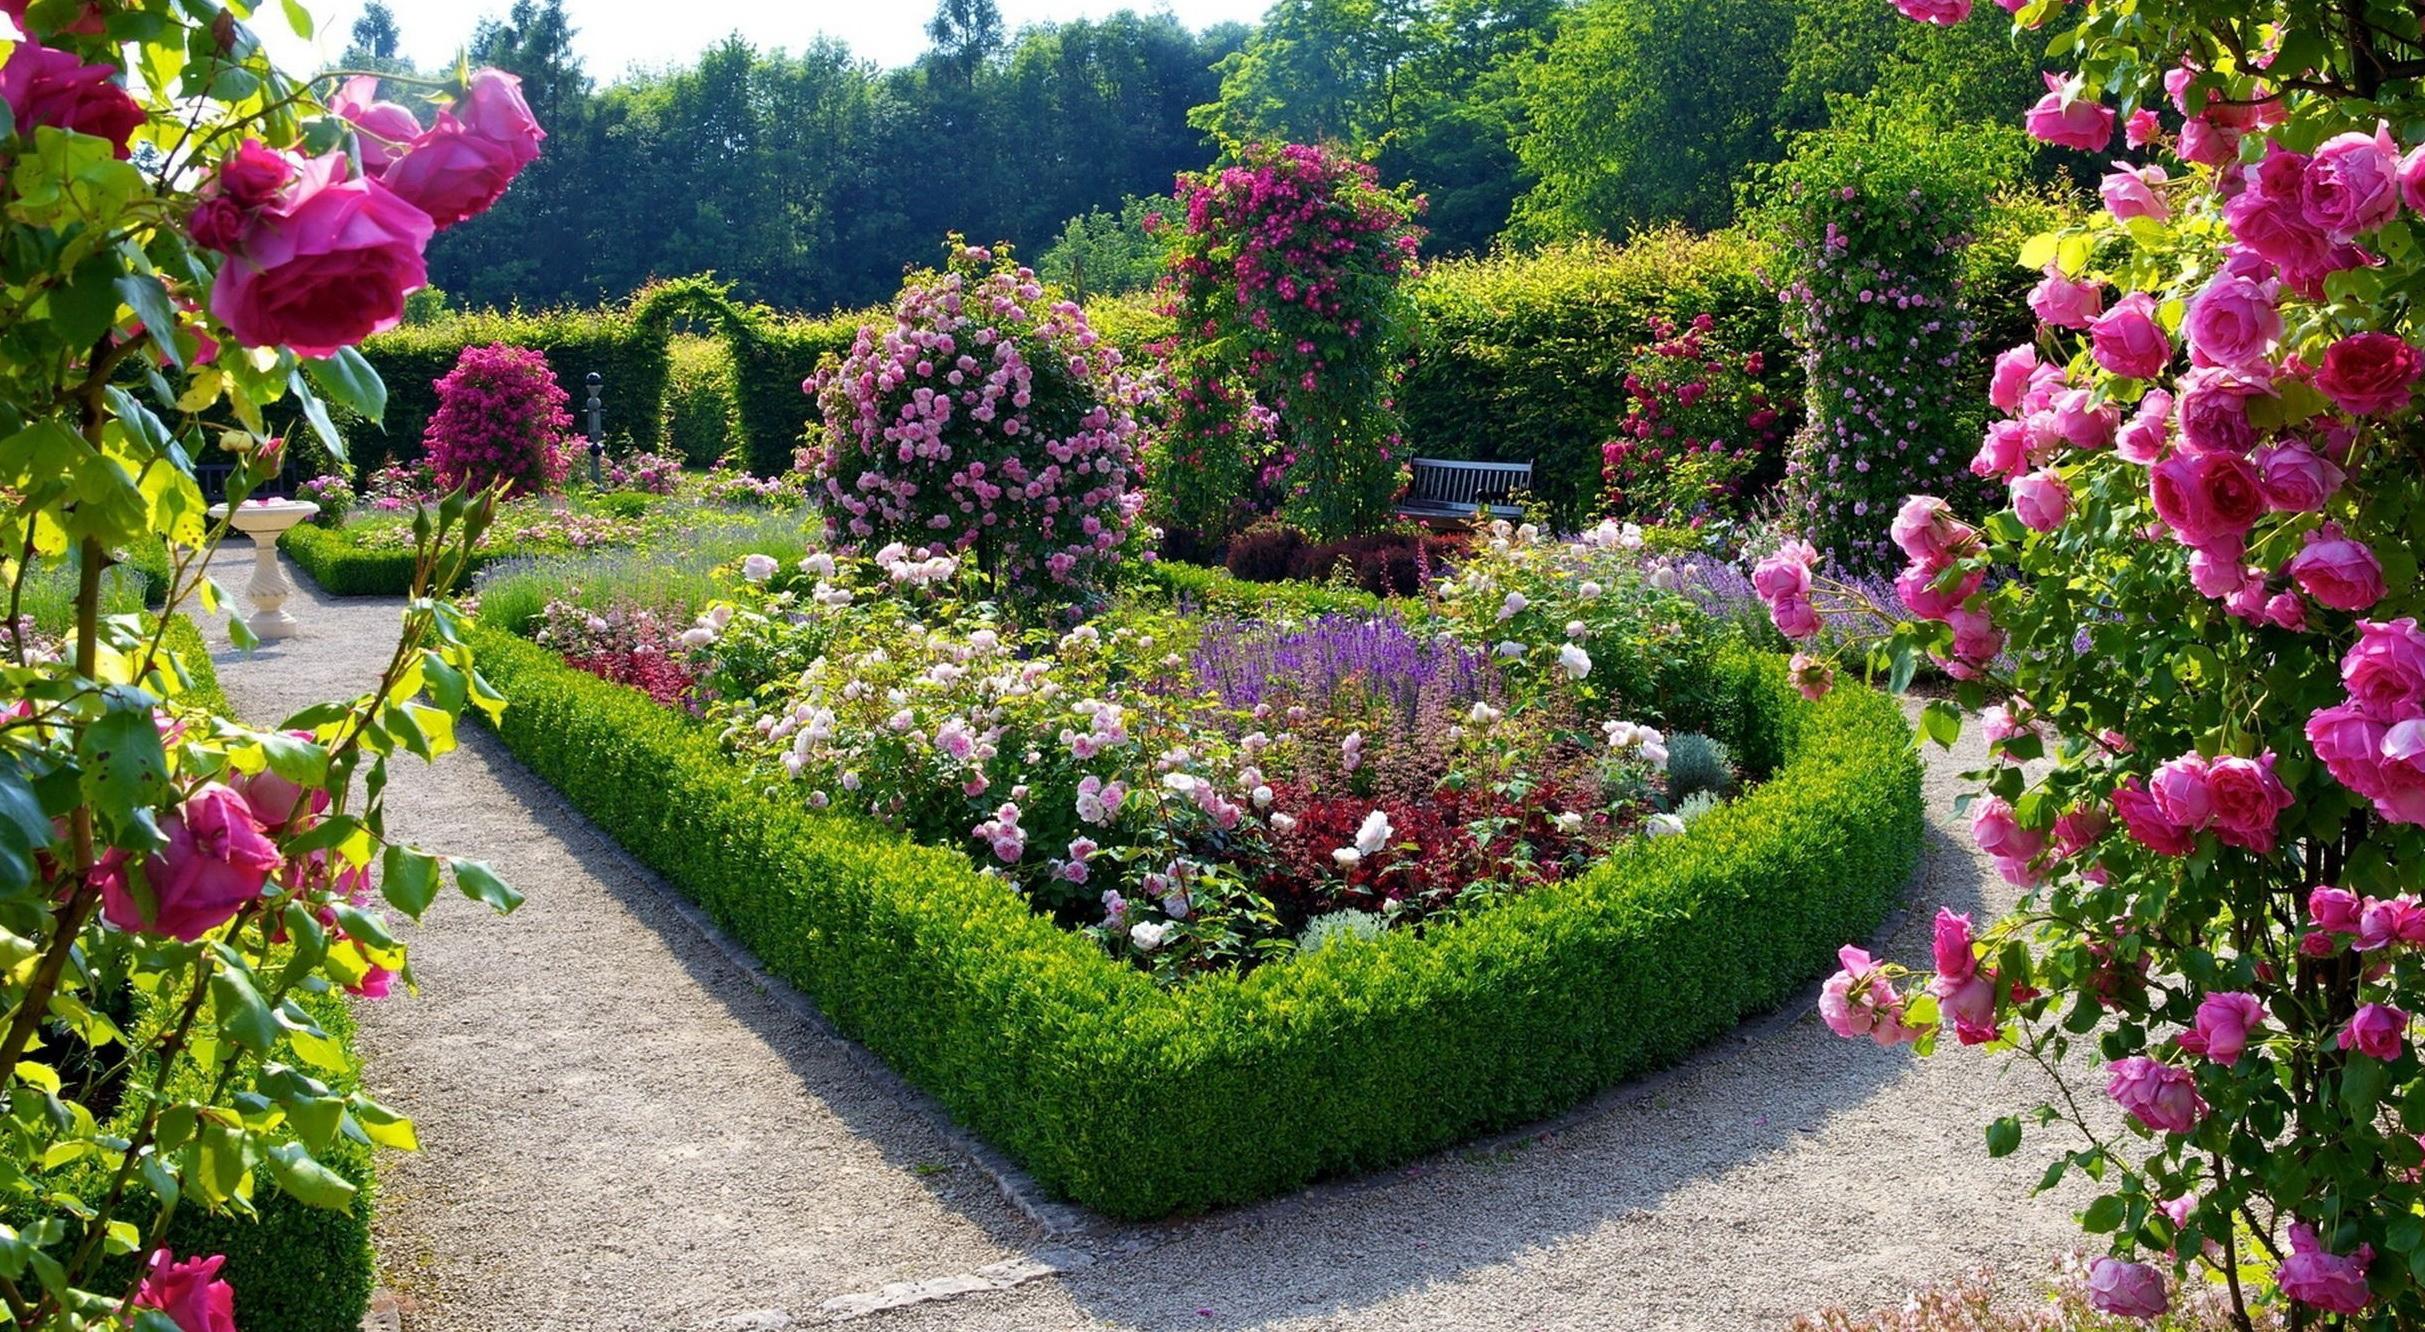 Ландшафтный дизайн цветника: особенности создания и виды оформления